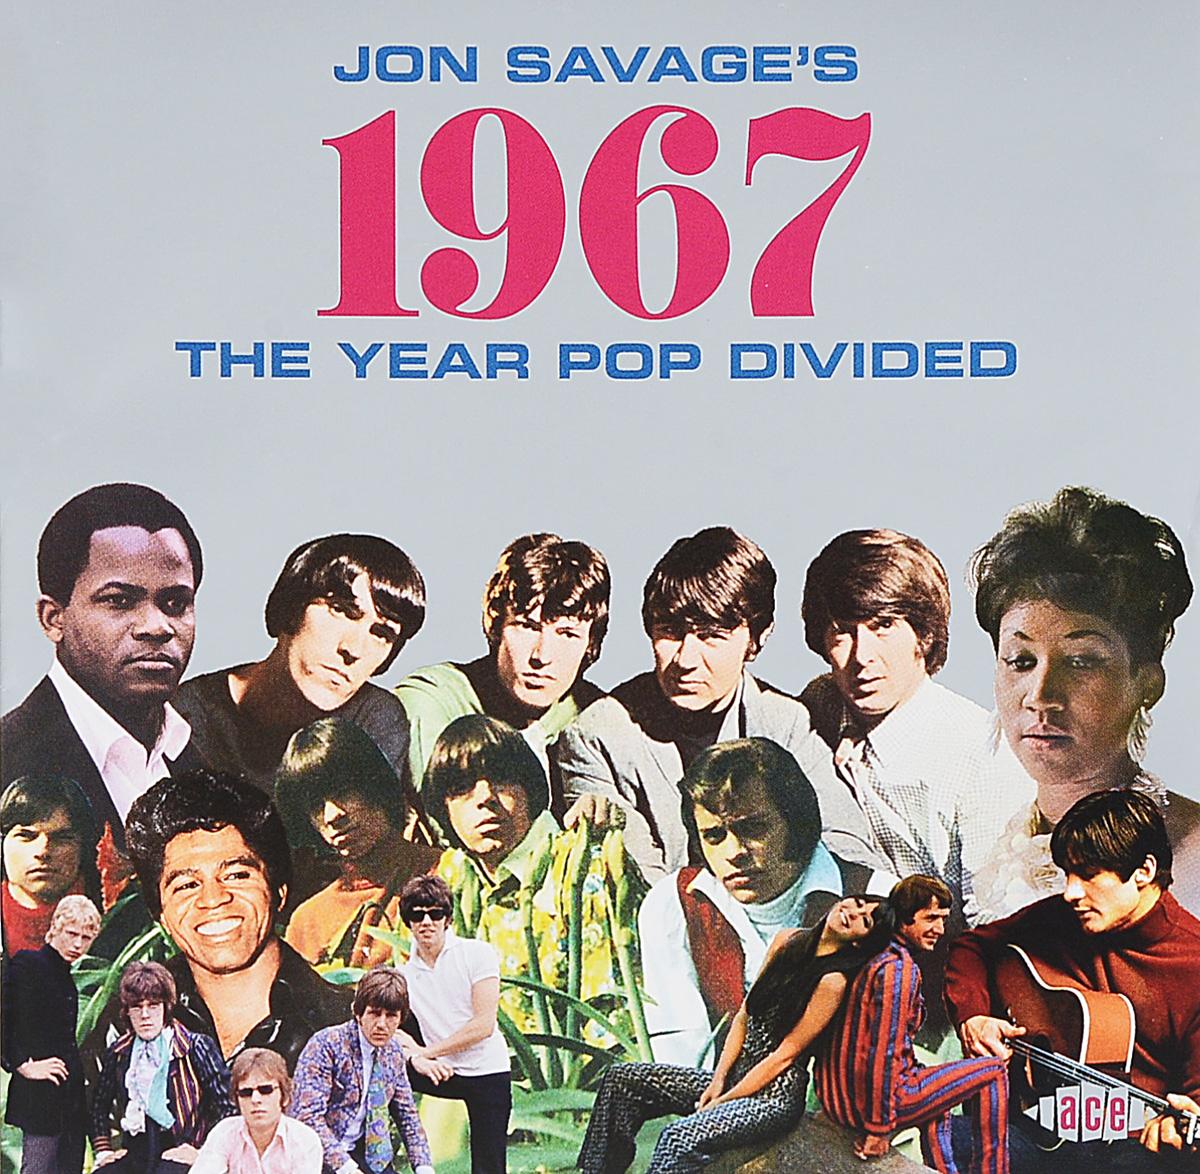 Йон Саваж Jon Savage. Savage's 1967 The Year Pop Divided (2 CD)